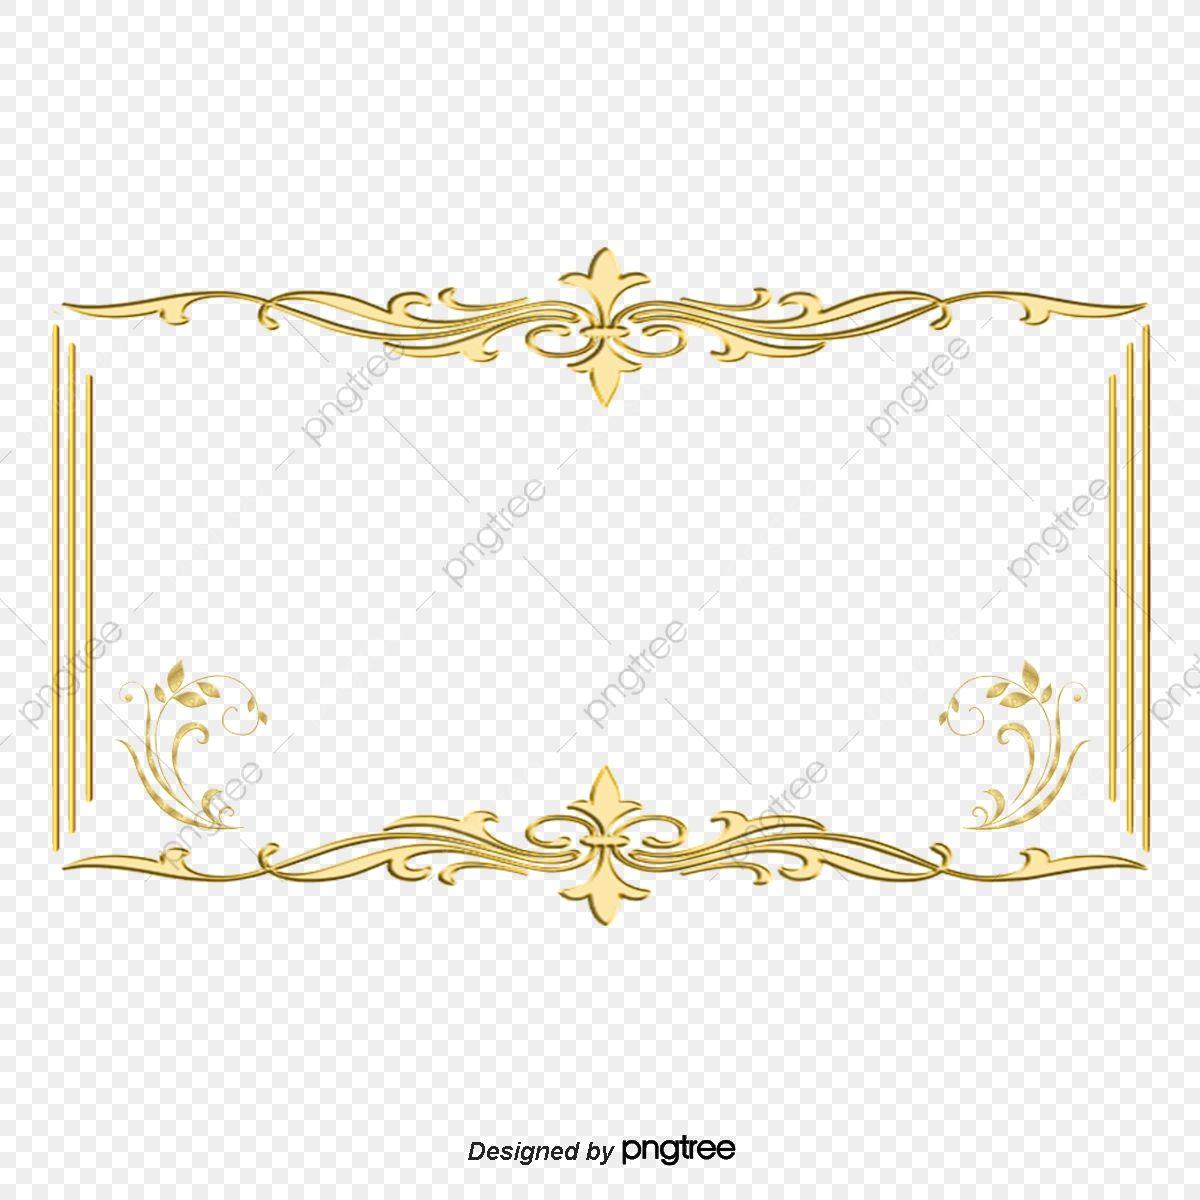 gambar corak bingkai memindahkan kotak bunga emas itu panjang bingkai foto bunga adalah png dan psd untuk muat turun percuma di 2020 bingkai foto bingkai bunga gambar corak bingkai memindahkan kotak